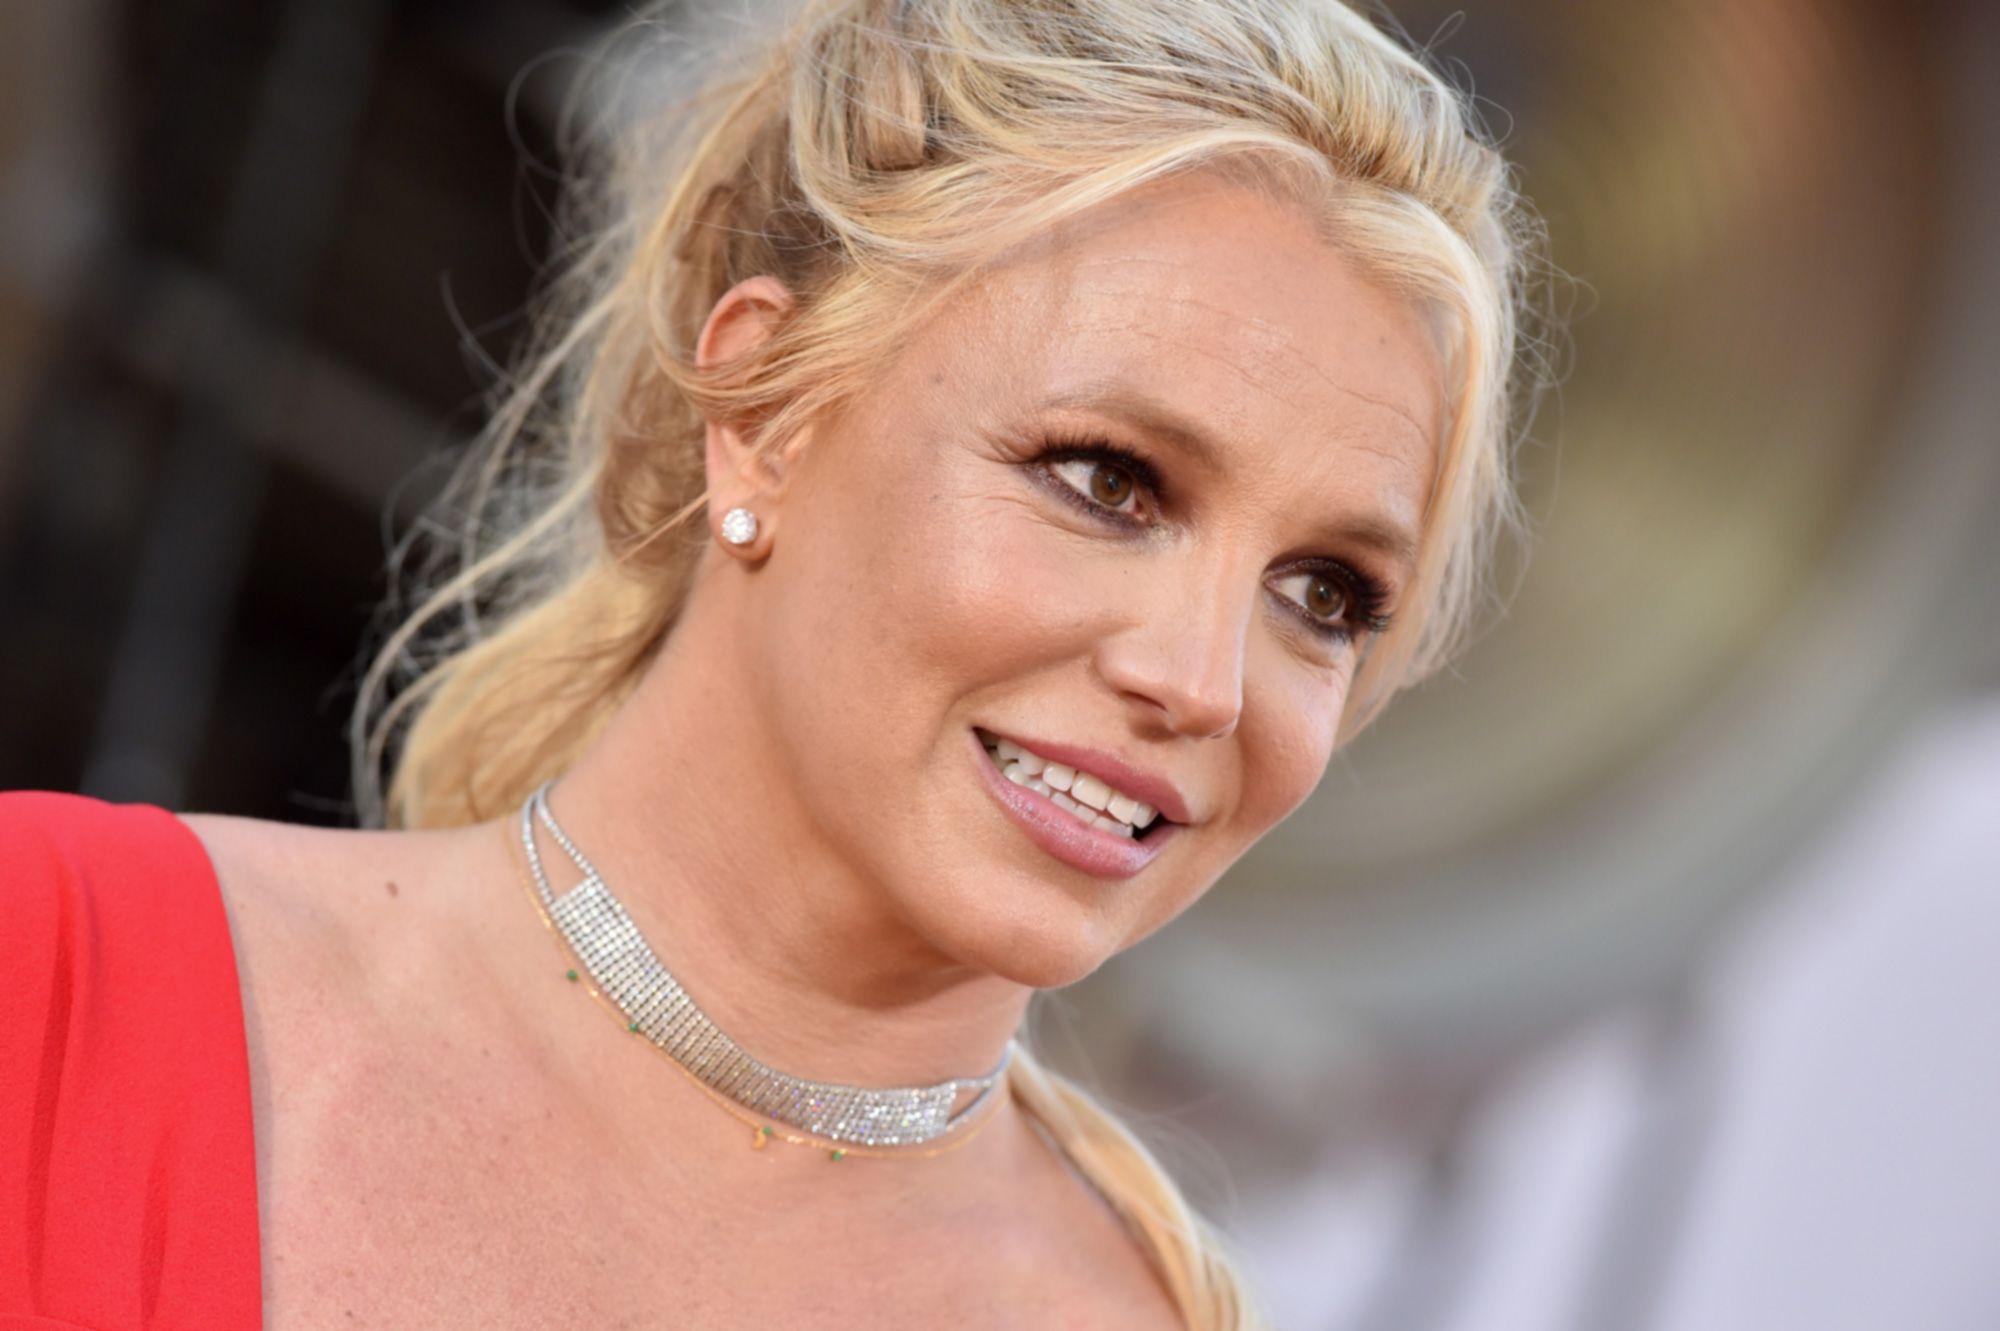 Бритни Спирс проиграла суд и не будет выступать, пока ее карьерой руководит отец